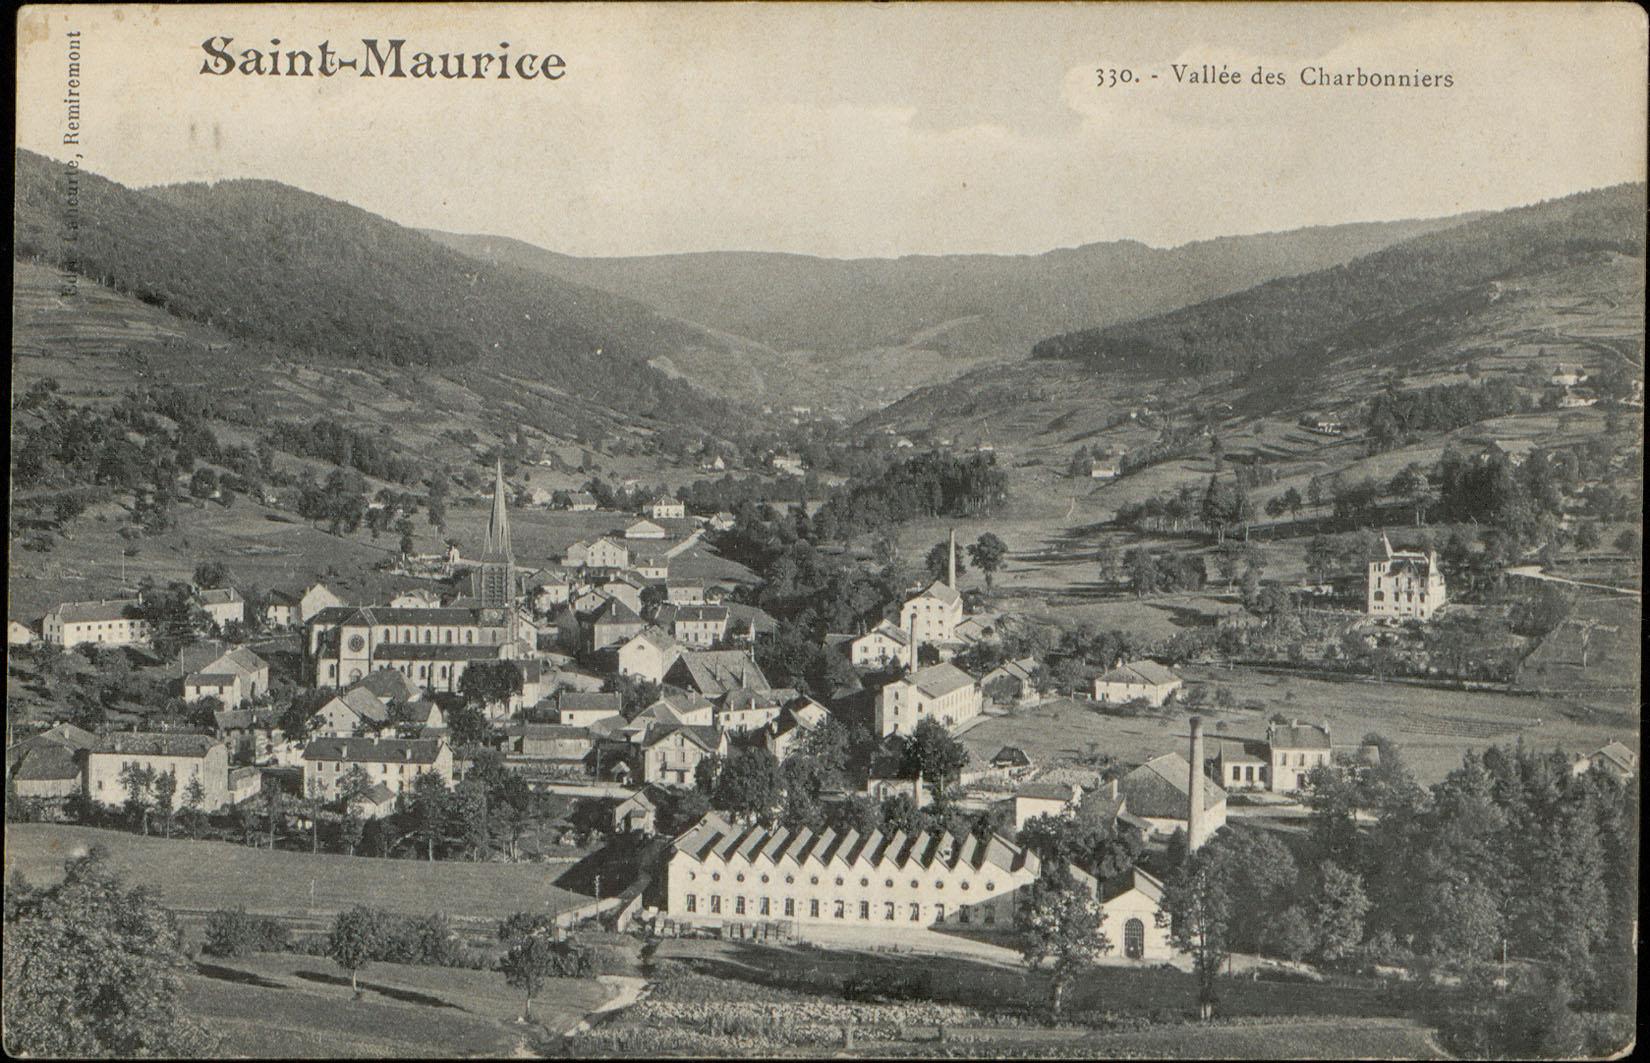 Contenu du Saint-Maurice, Vallée des Charbonniers